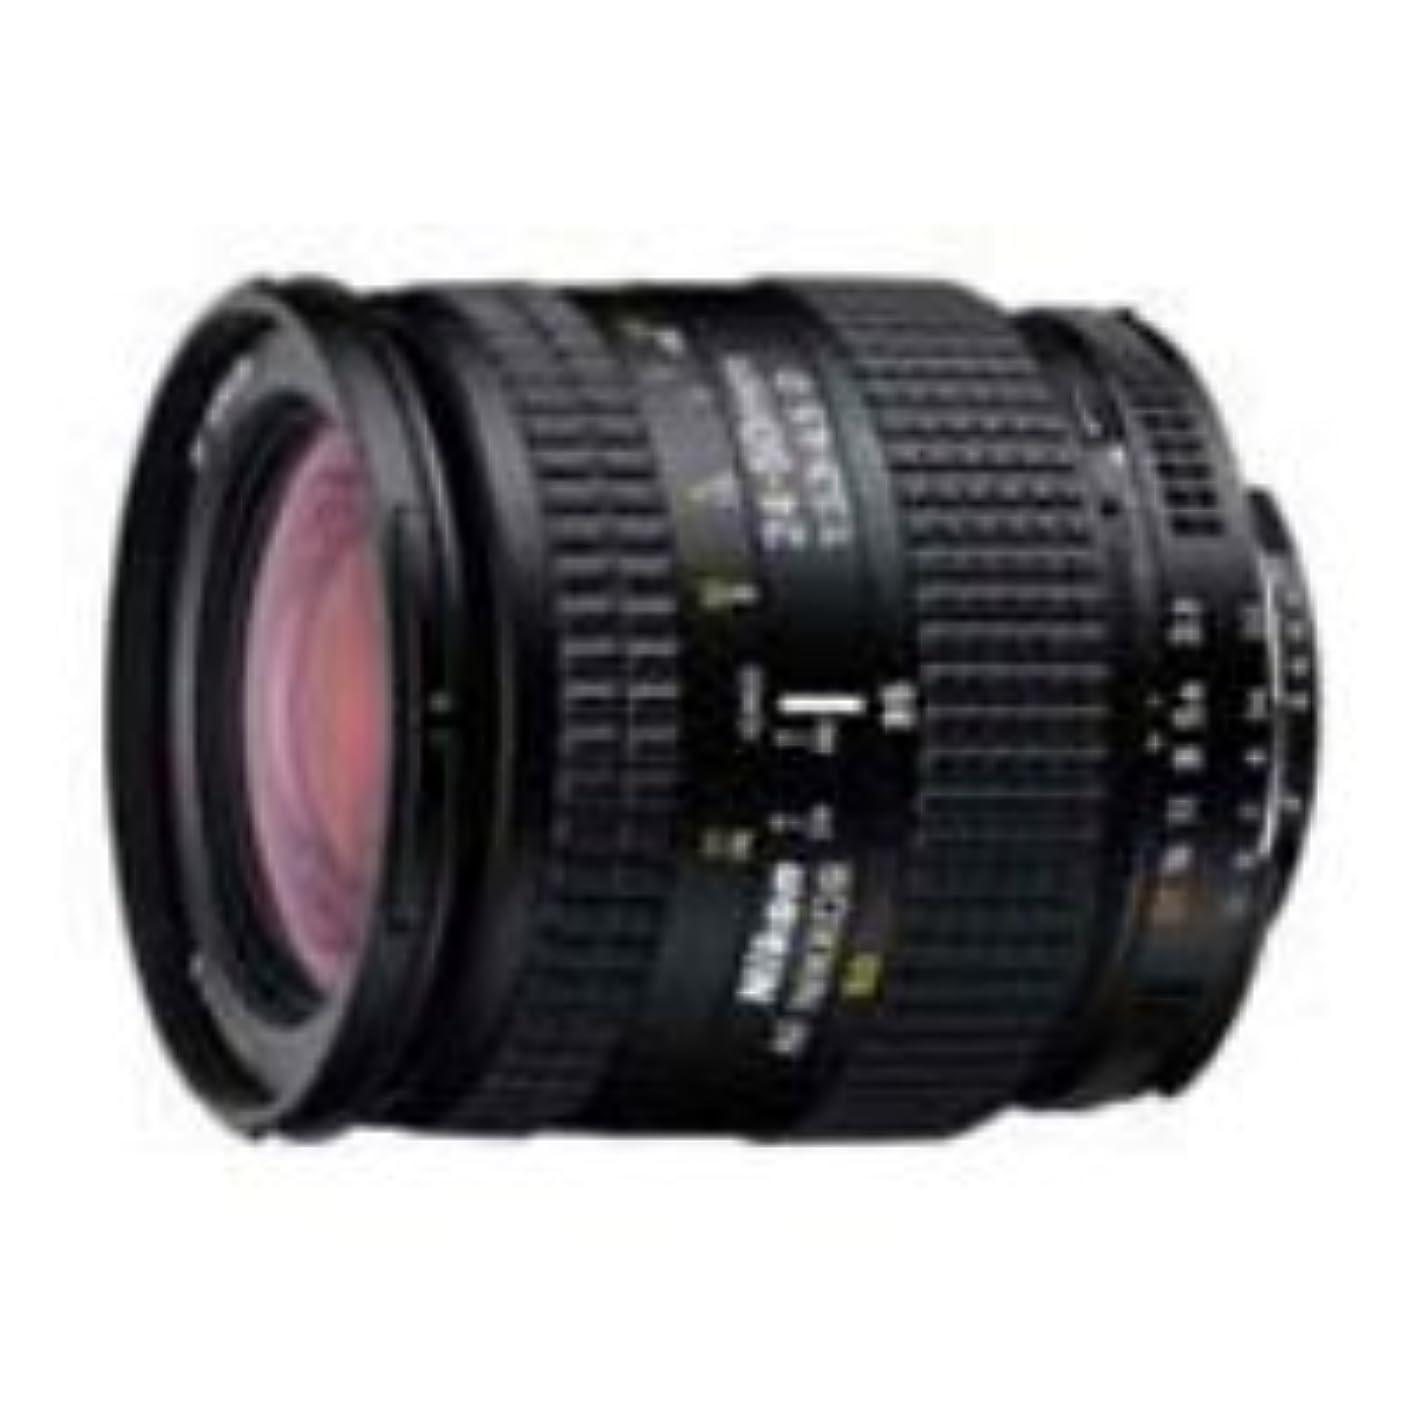 Nikon AF Zoom-Nikkor 24-50mm f/3.3-4 D Lens - OPEN BOX rbuhppksysi287